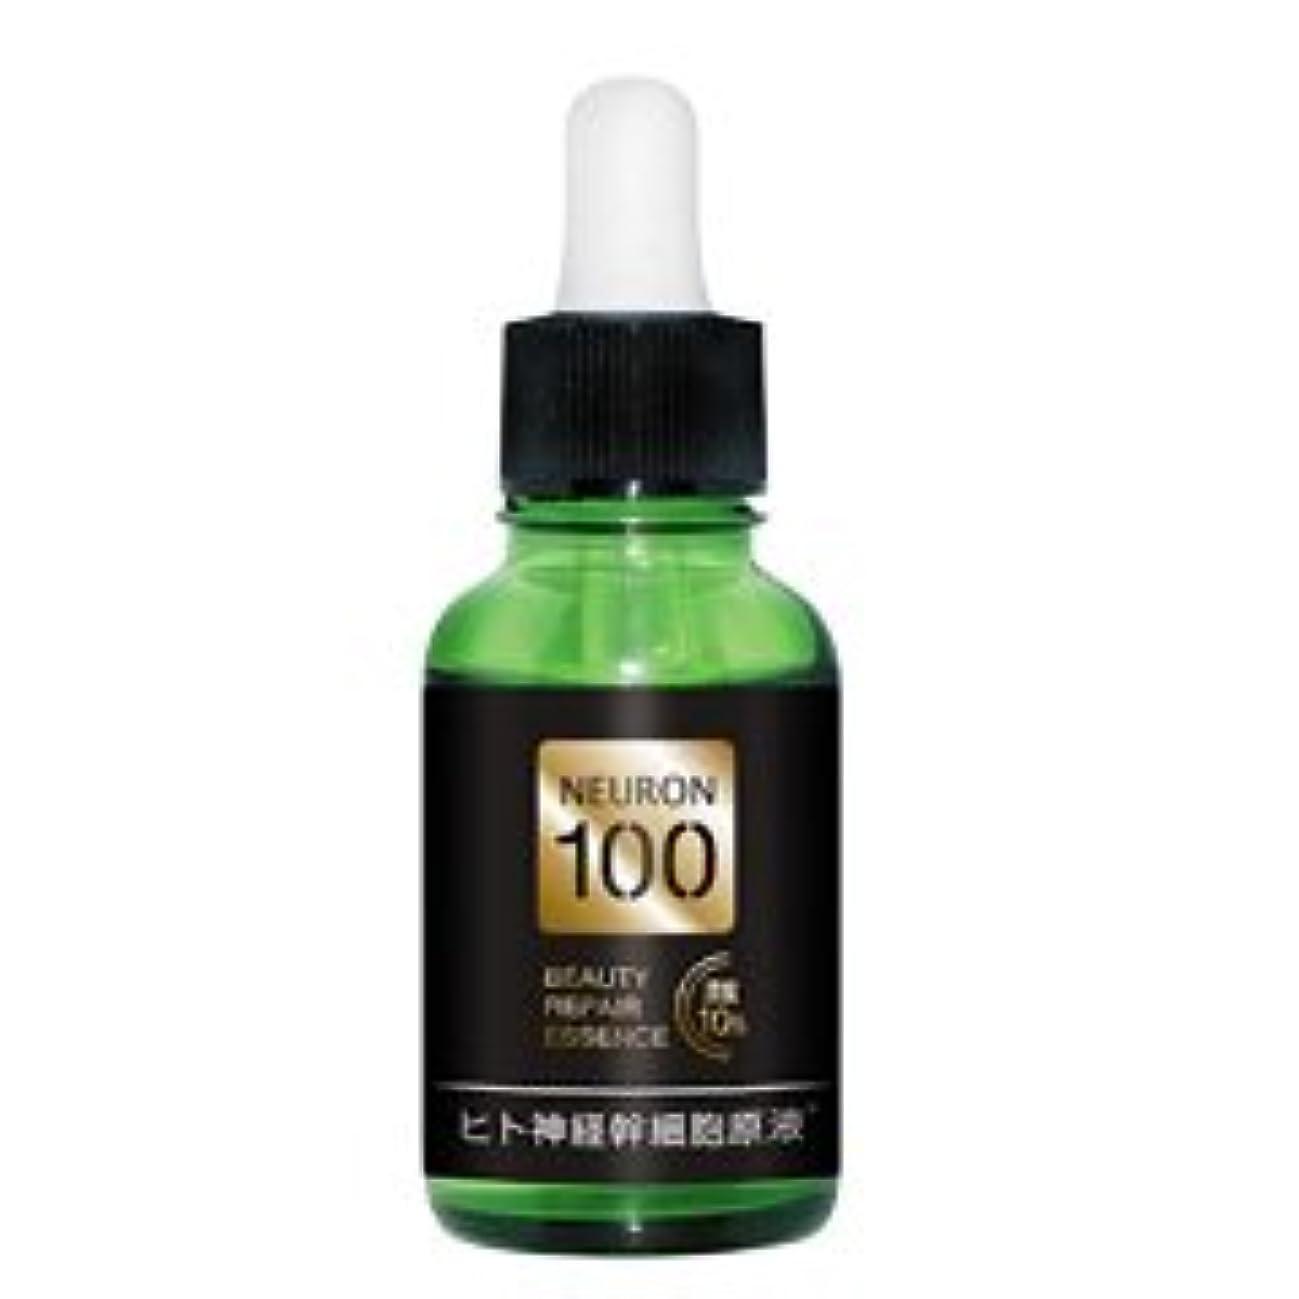 スマイルセンサー追記【濃度10%】 ニューロン100 NEURON100 ヒト由来神経幹細胞培養液 サロン仕様品 ギフトにも最適 美容液 30ml